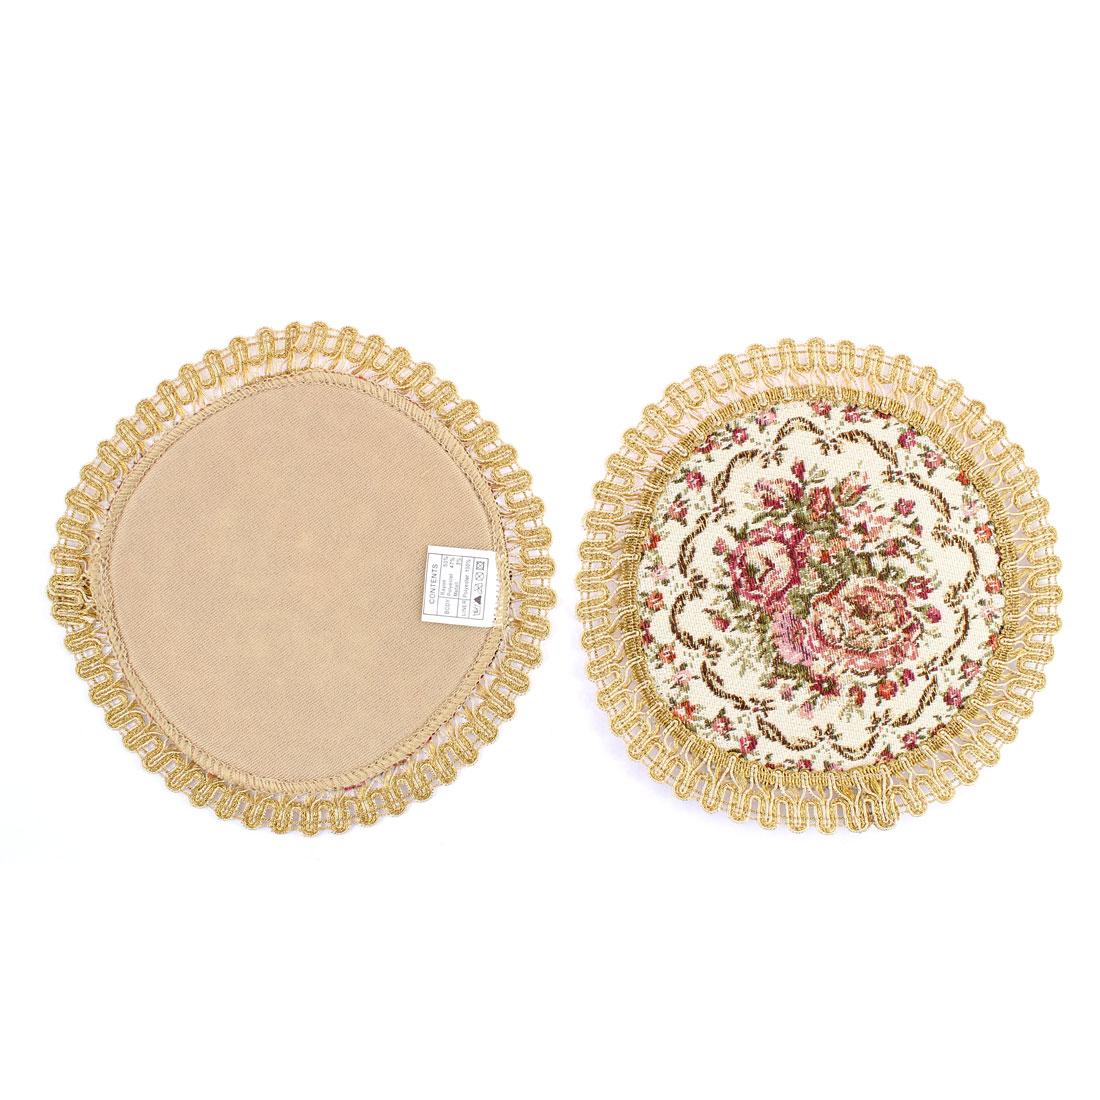 Restaurant Floral Pattern Insulation Table Mat Placemat Coaster 17cm Dia 2pcs